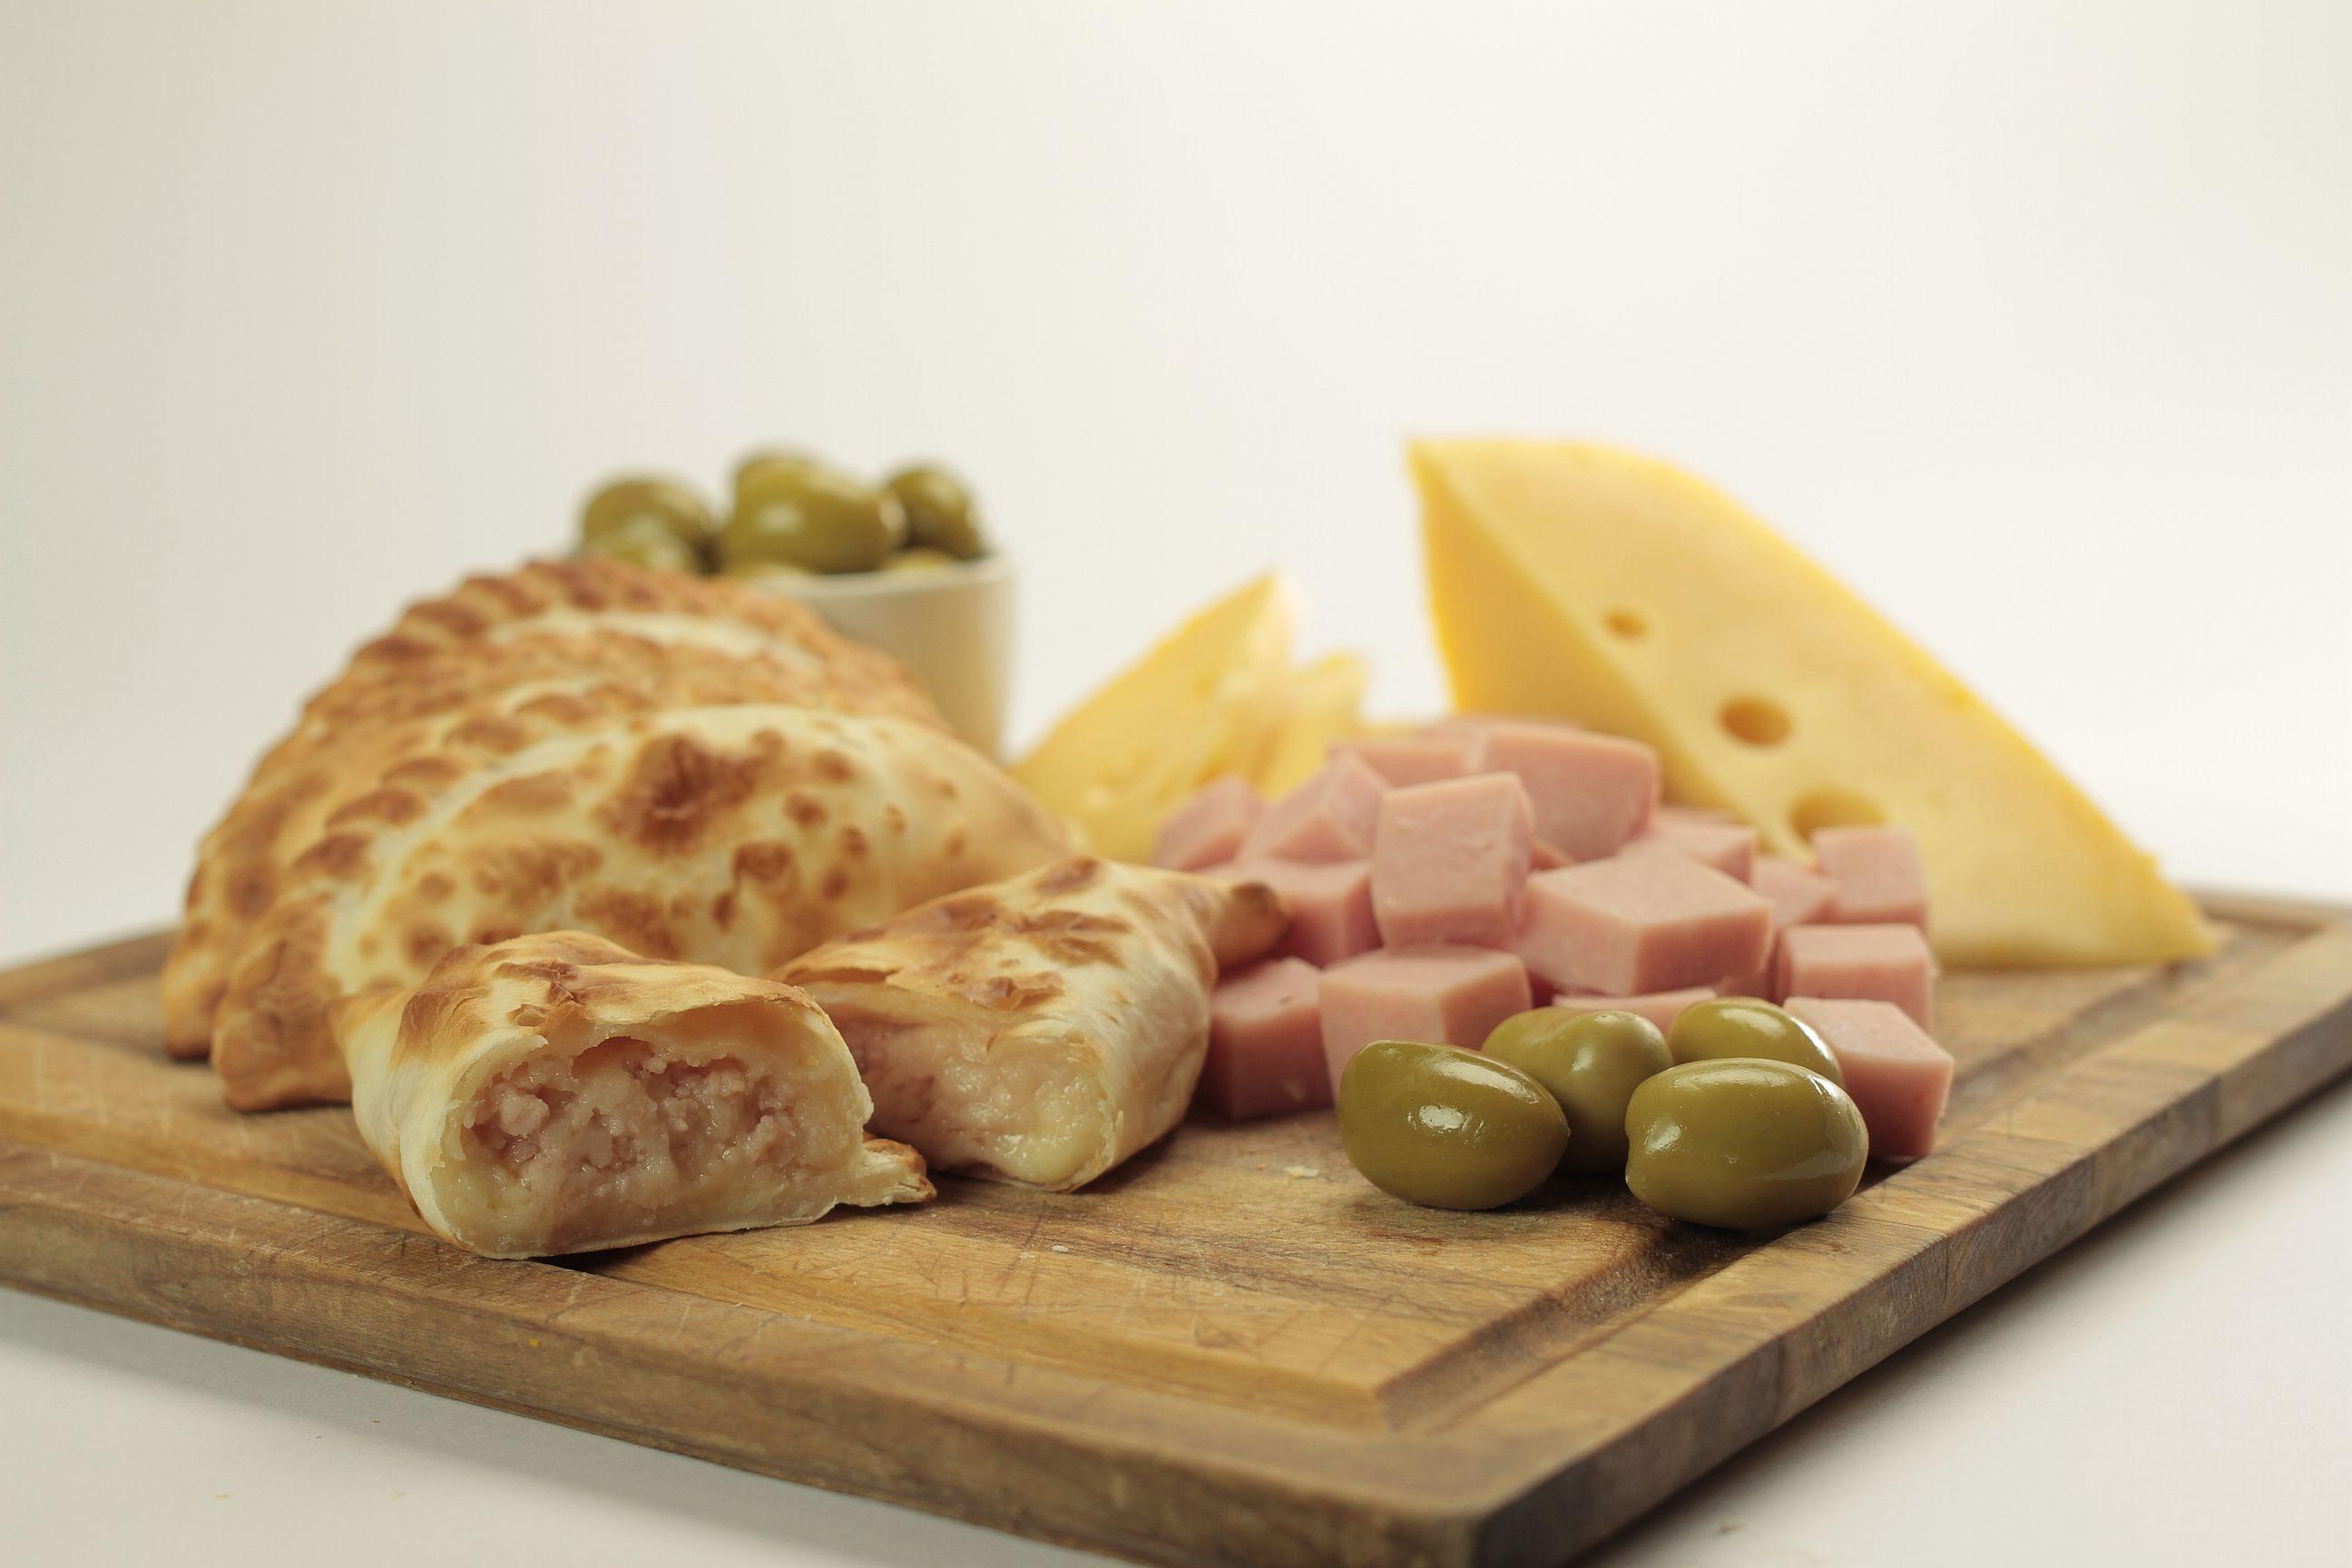 Empanadas de jamón queso y aceitunas de Cumen Cumen